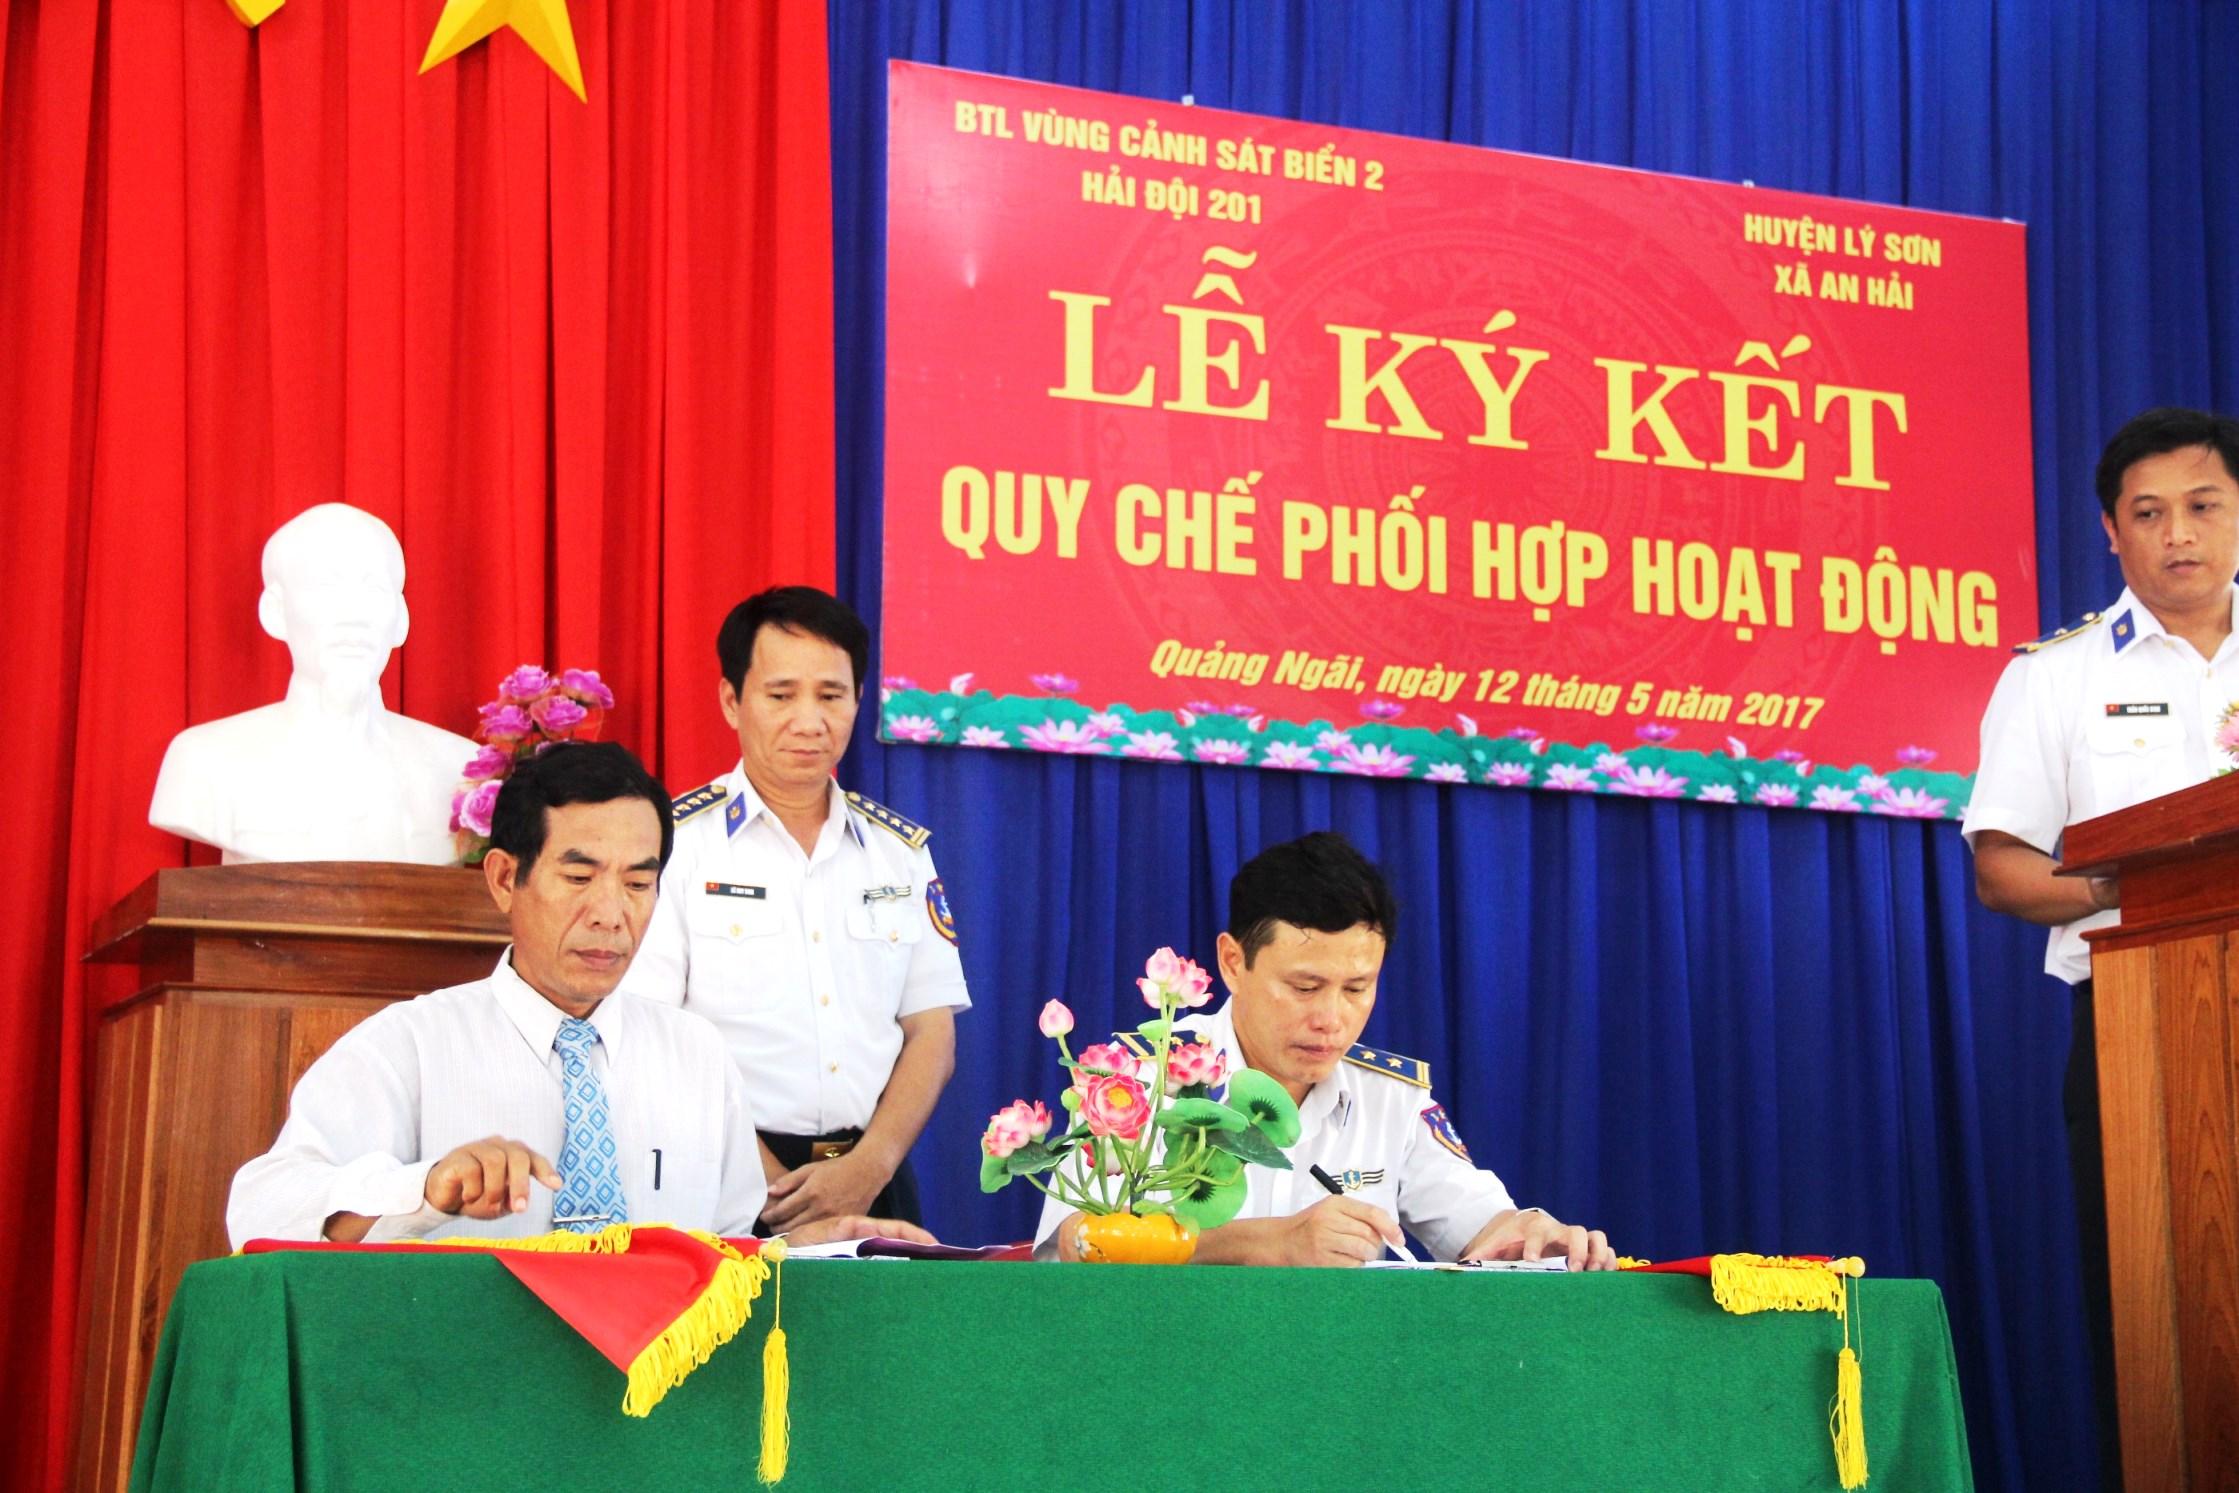 Bộ Tư lệnh Vùng Cảnh sát biển 2 và đại diện UBND xã An Hải ký kết quy chế phối hợp hoạt động. Ảnh: XUÂN THỌ